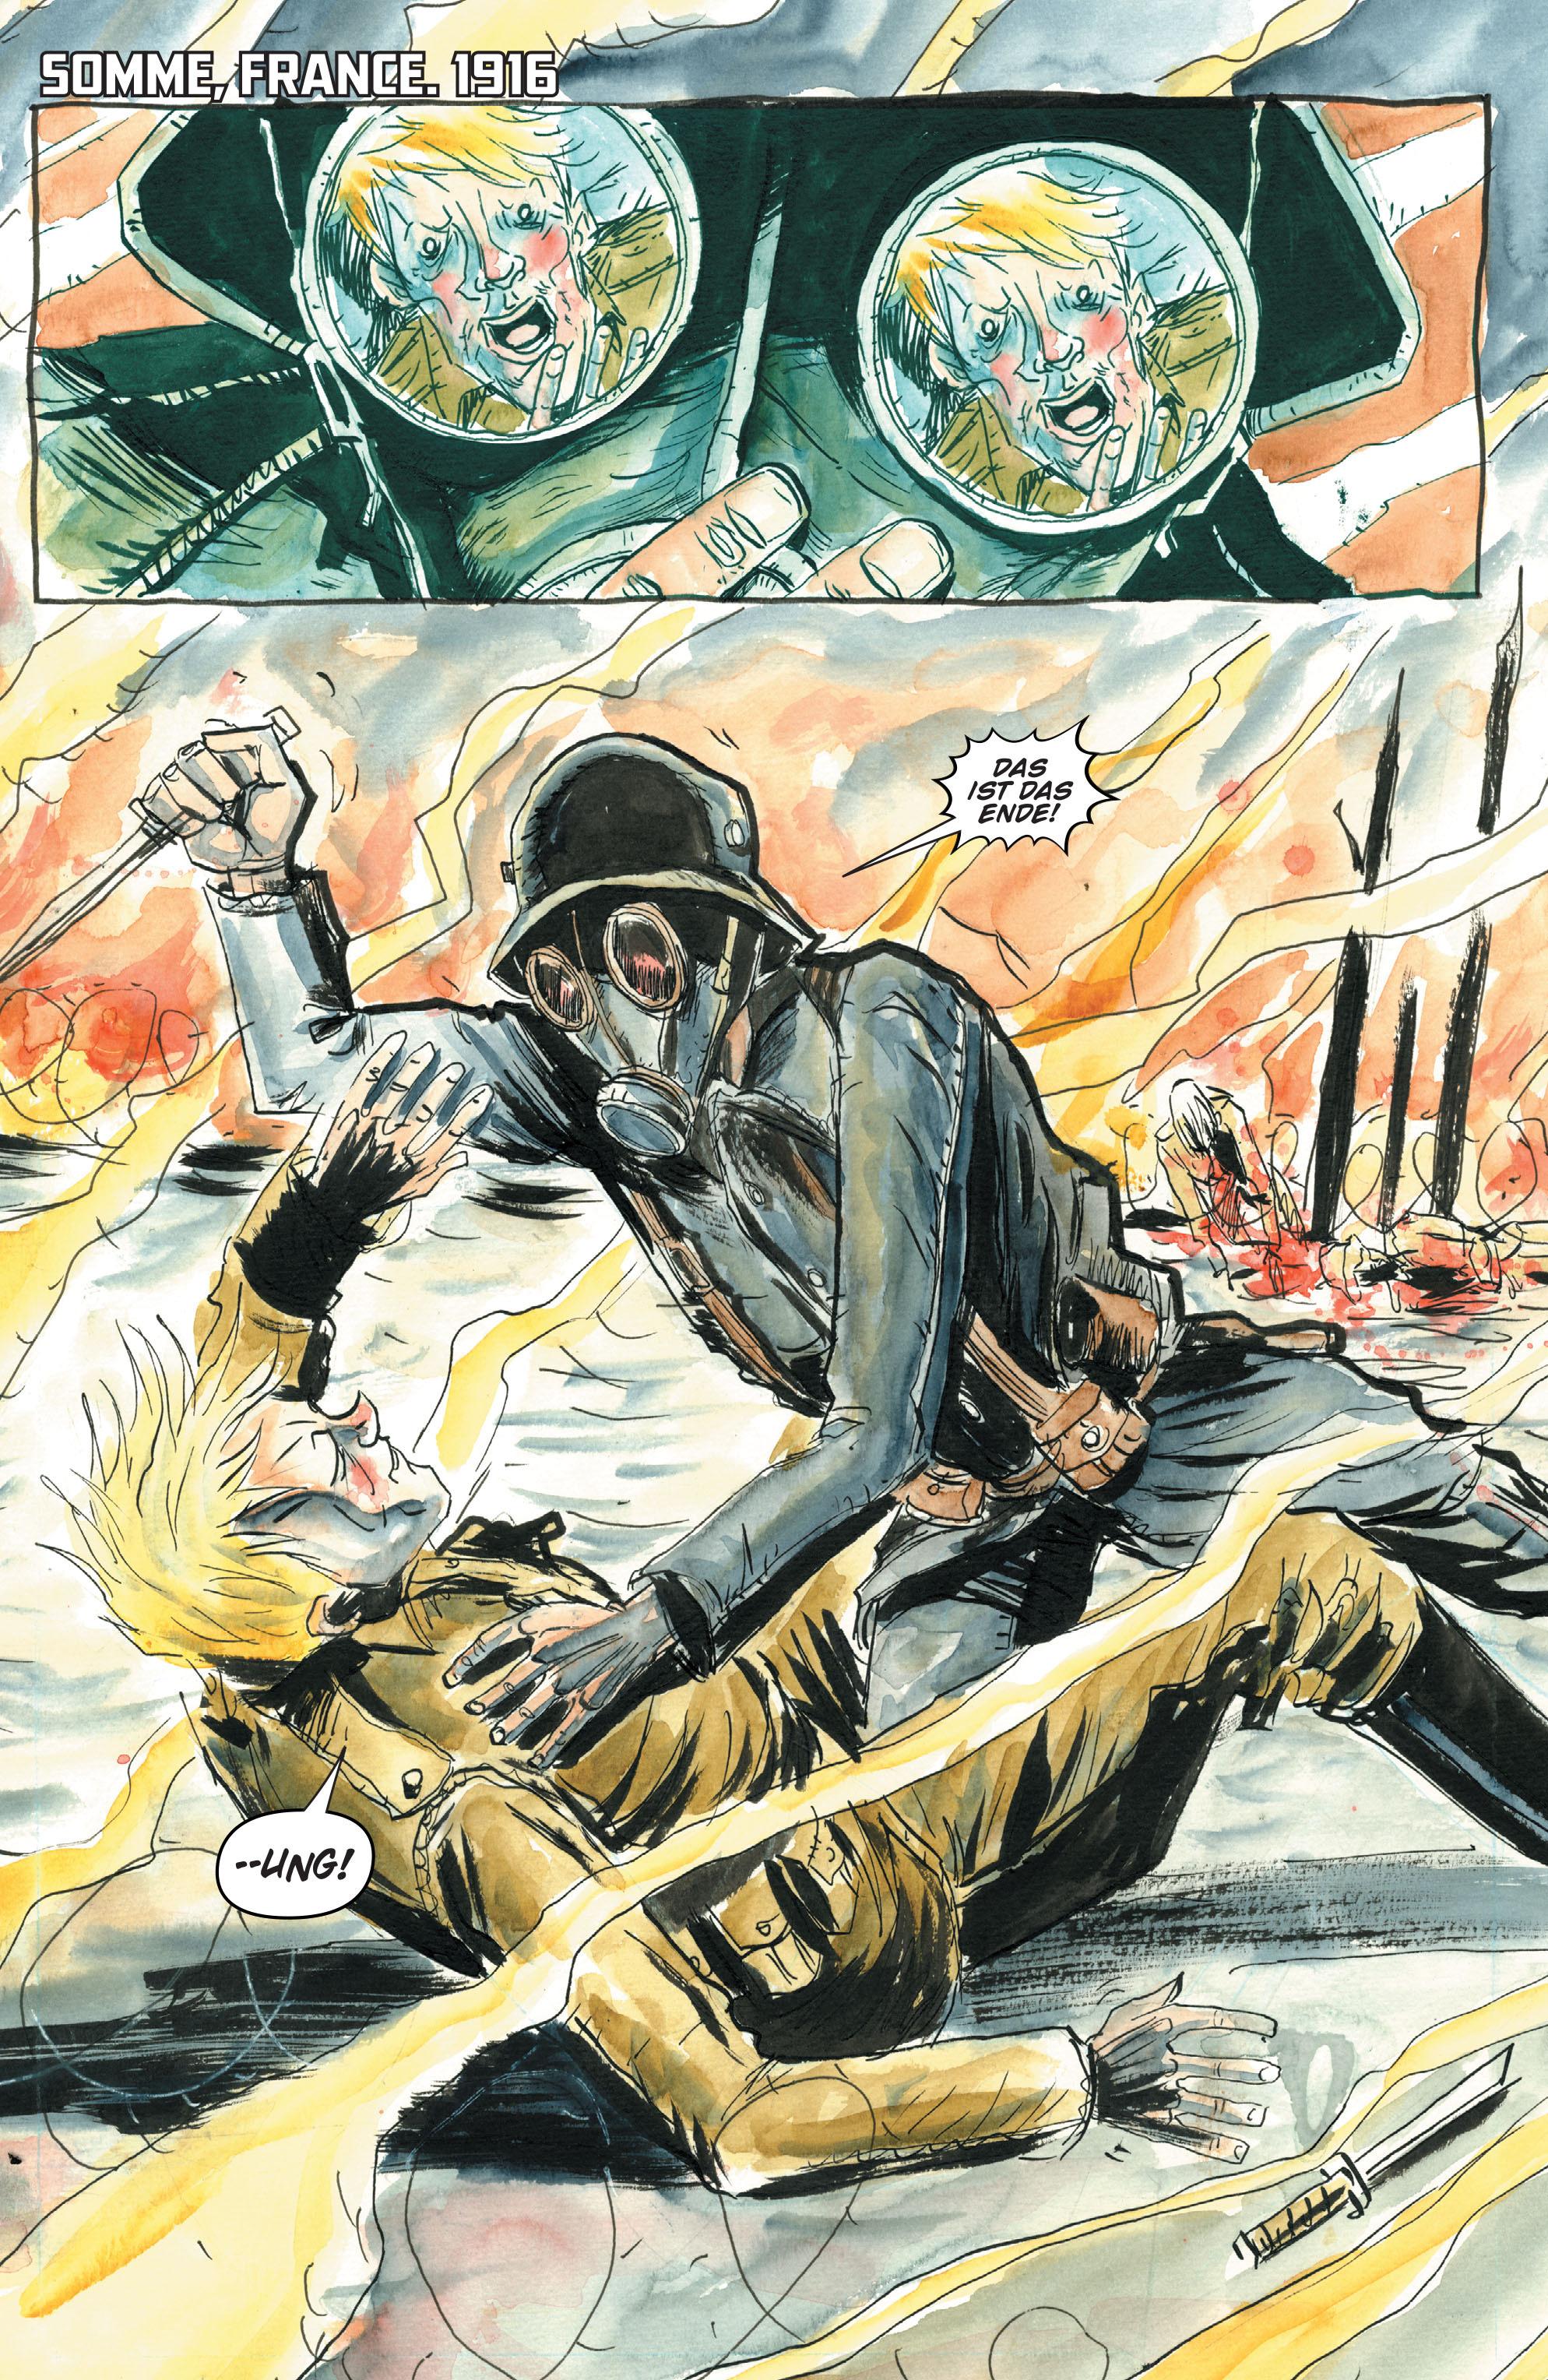 Read online Trillium comic -  Issue # TPB - 161